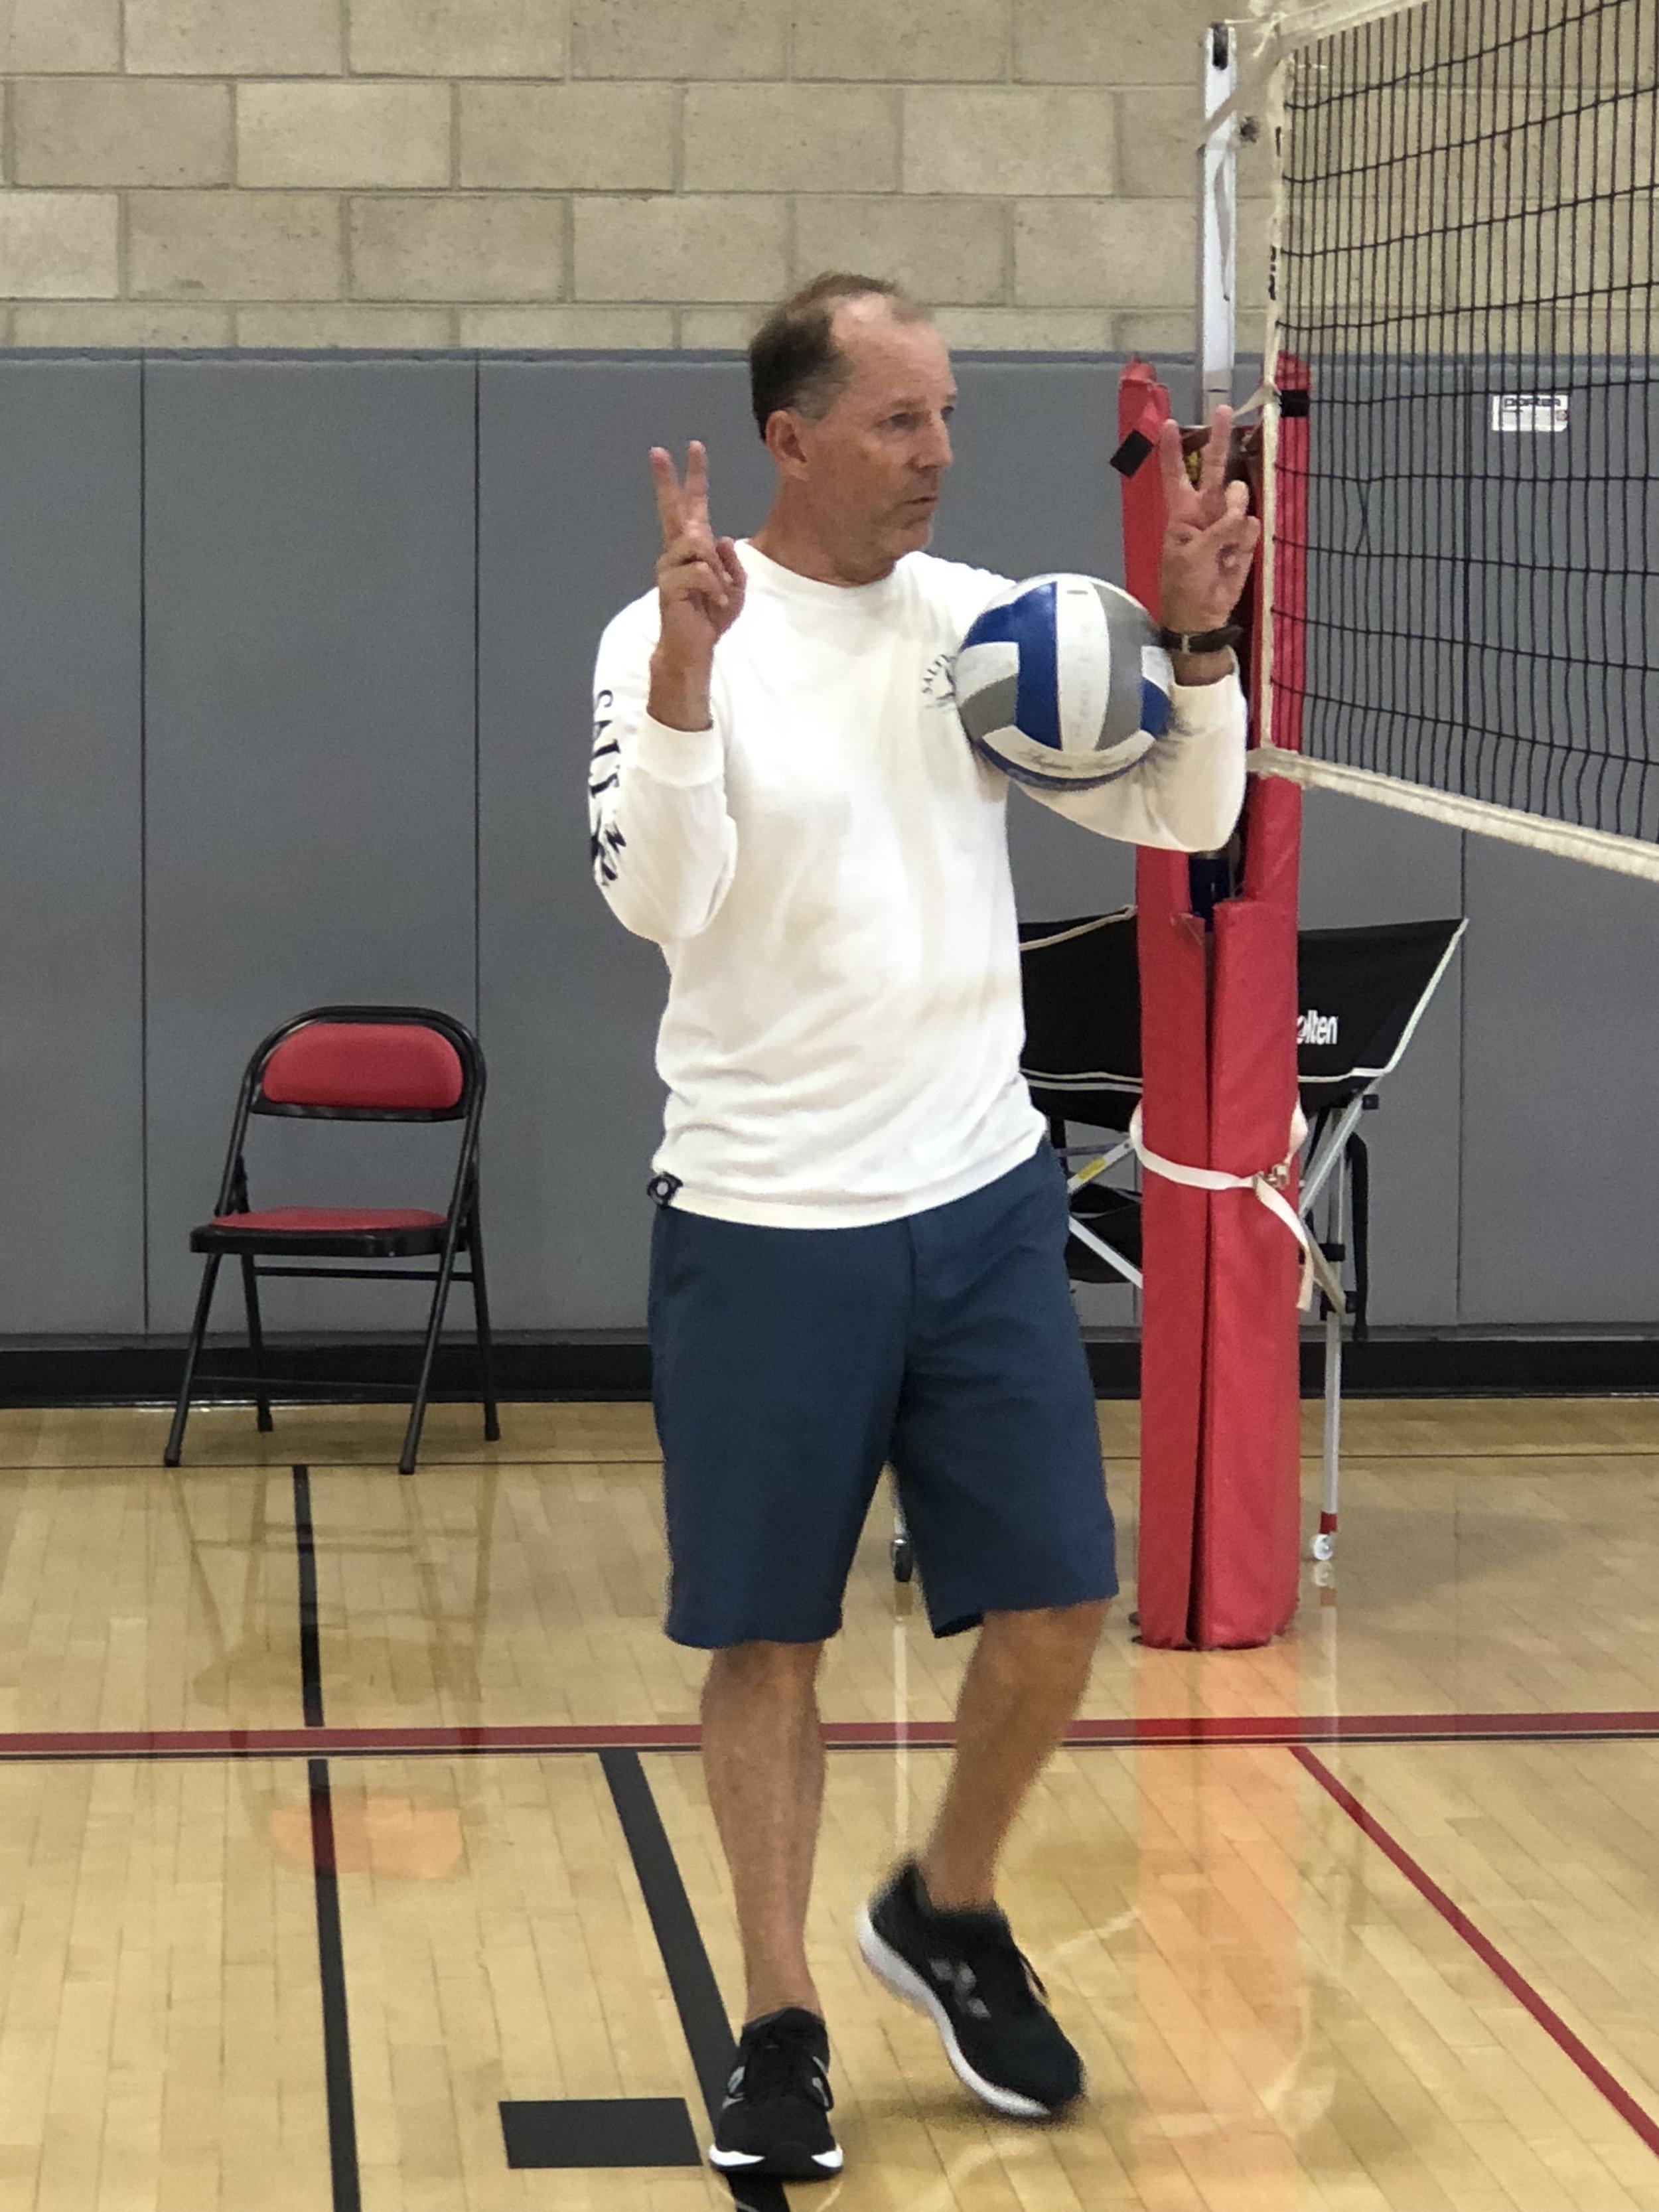 scott terry coachingIMG_7344.JPG